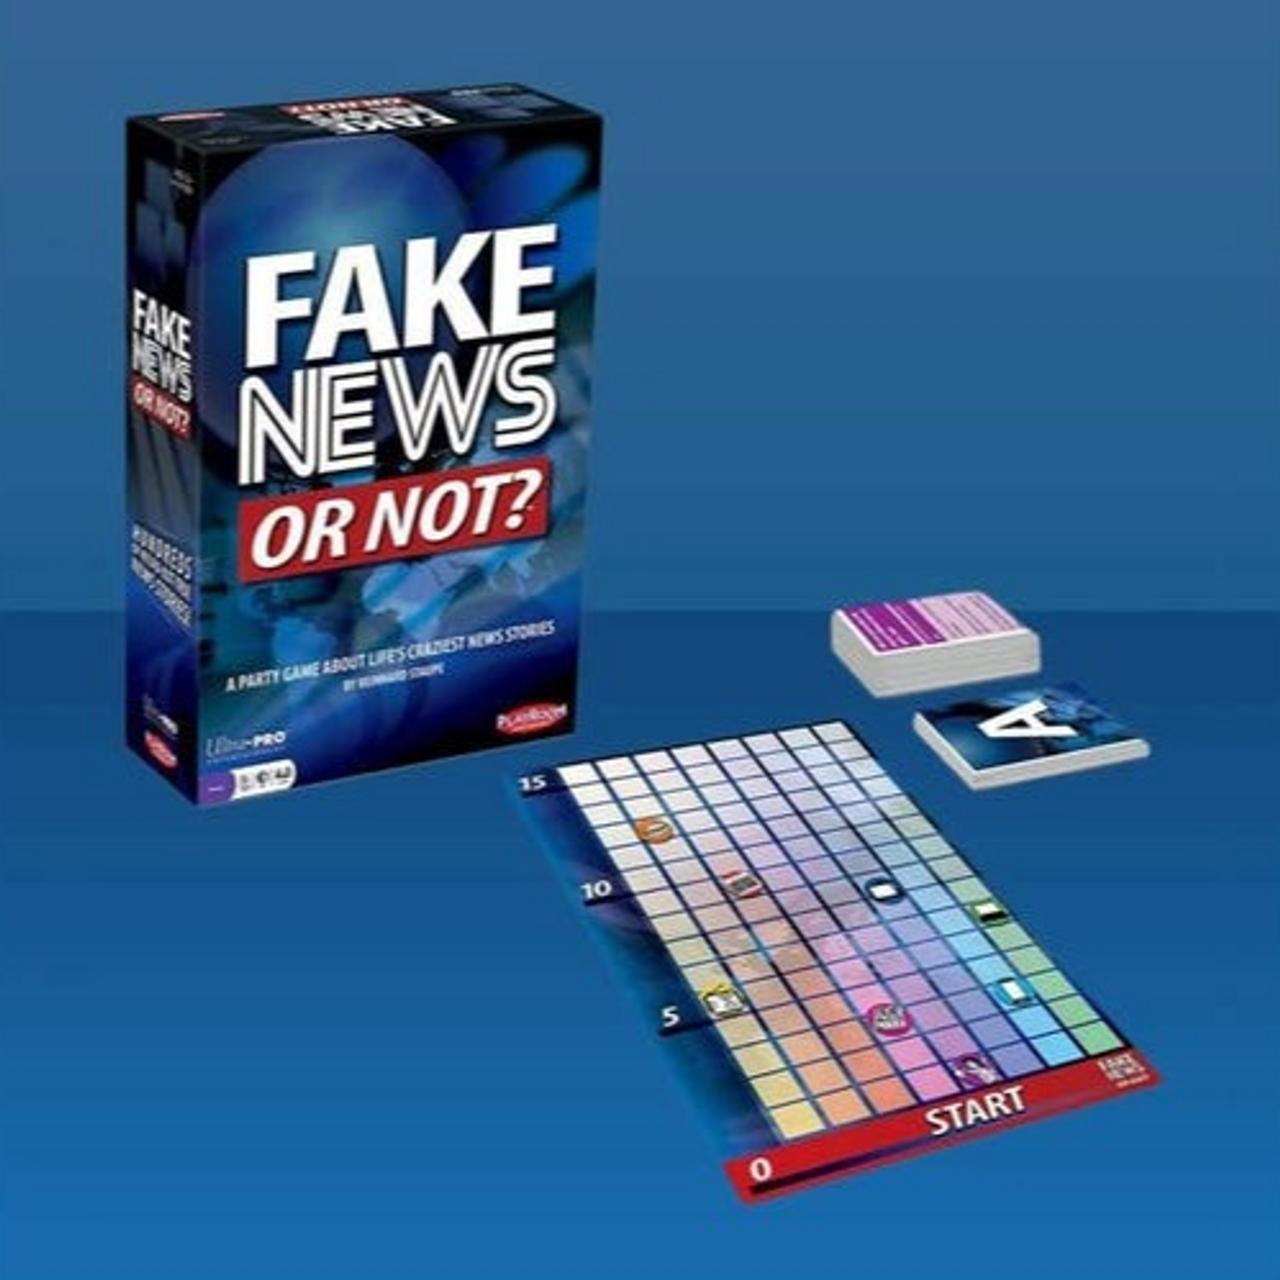 GAMING - Fake News or Not?